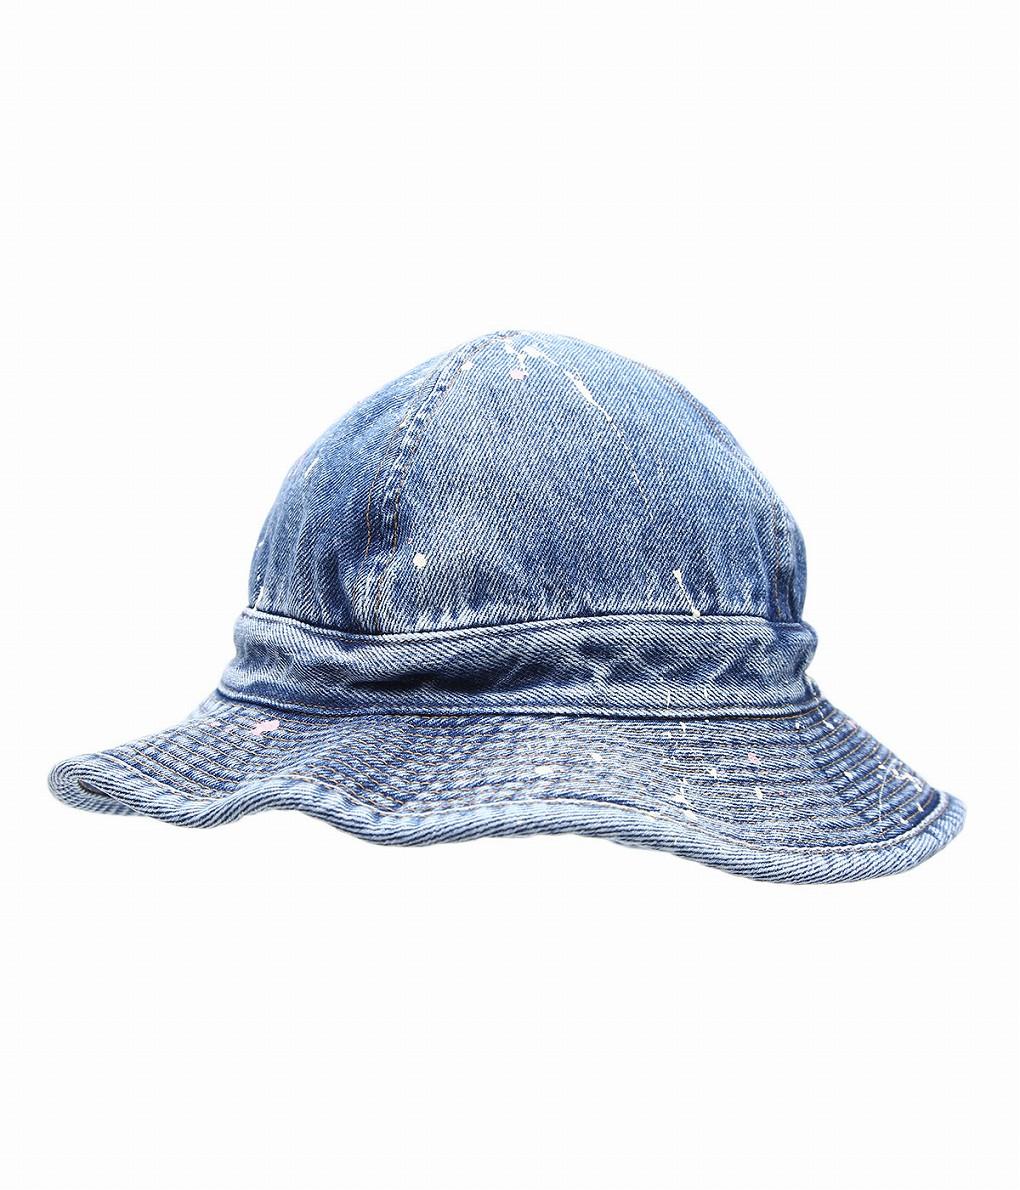 orSlow / オアスロウ : US NAVY HAT 2YR WASH with PAINT : ユーエス ネイビー 2イヤー ウォッシュ ペイント 帽子 メンズ レディース ユニセックス : 03-001-P84 【STD】